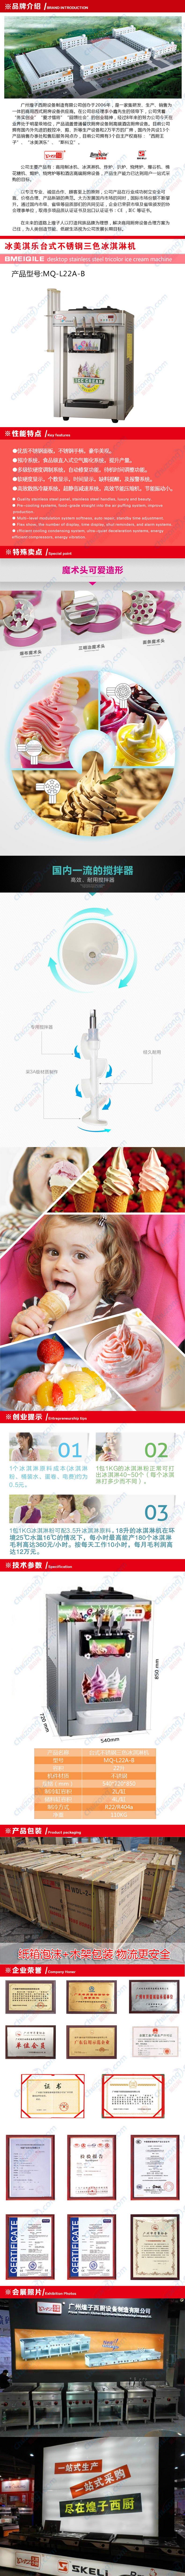 冰美淇乐冰淇淋机MQ-L22A-B